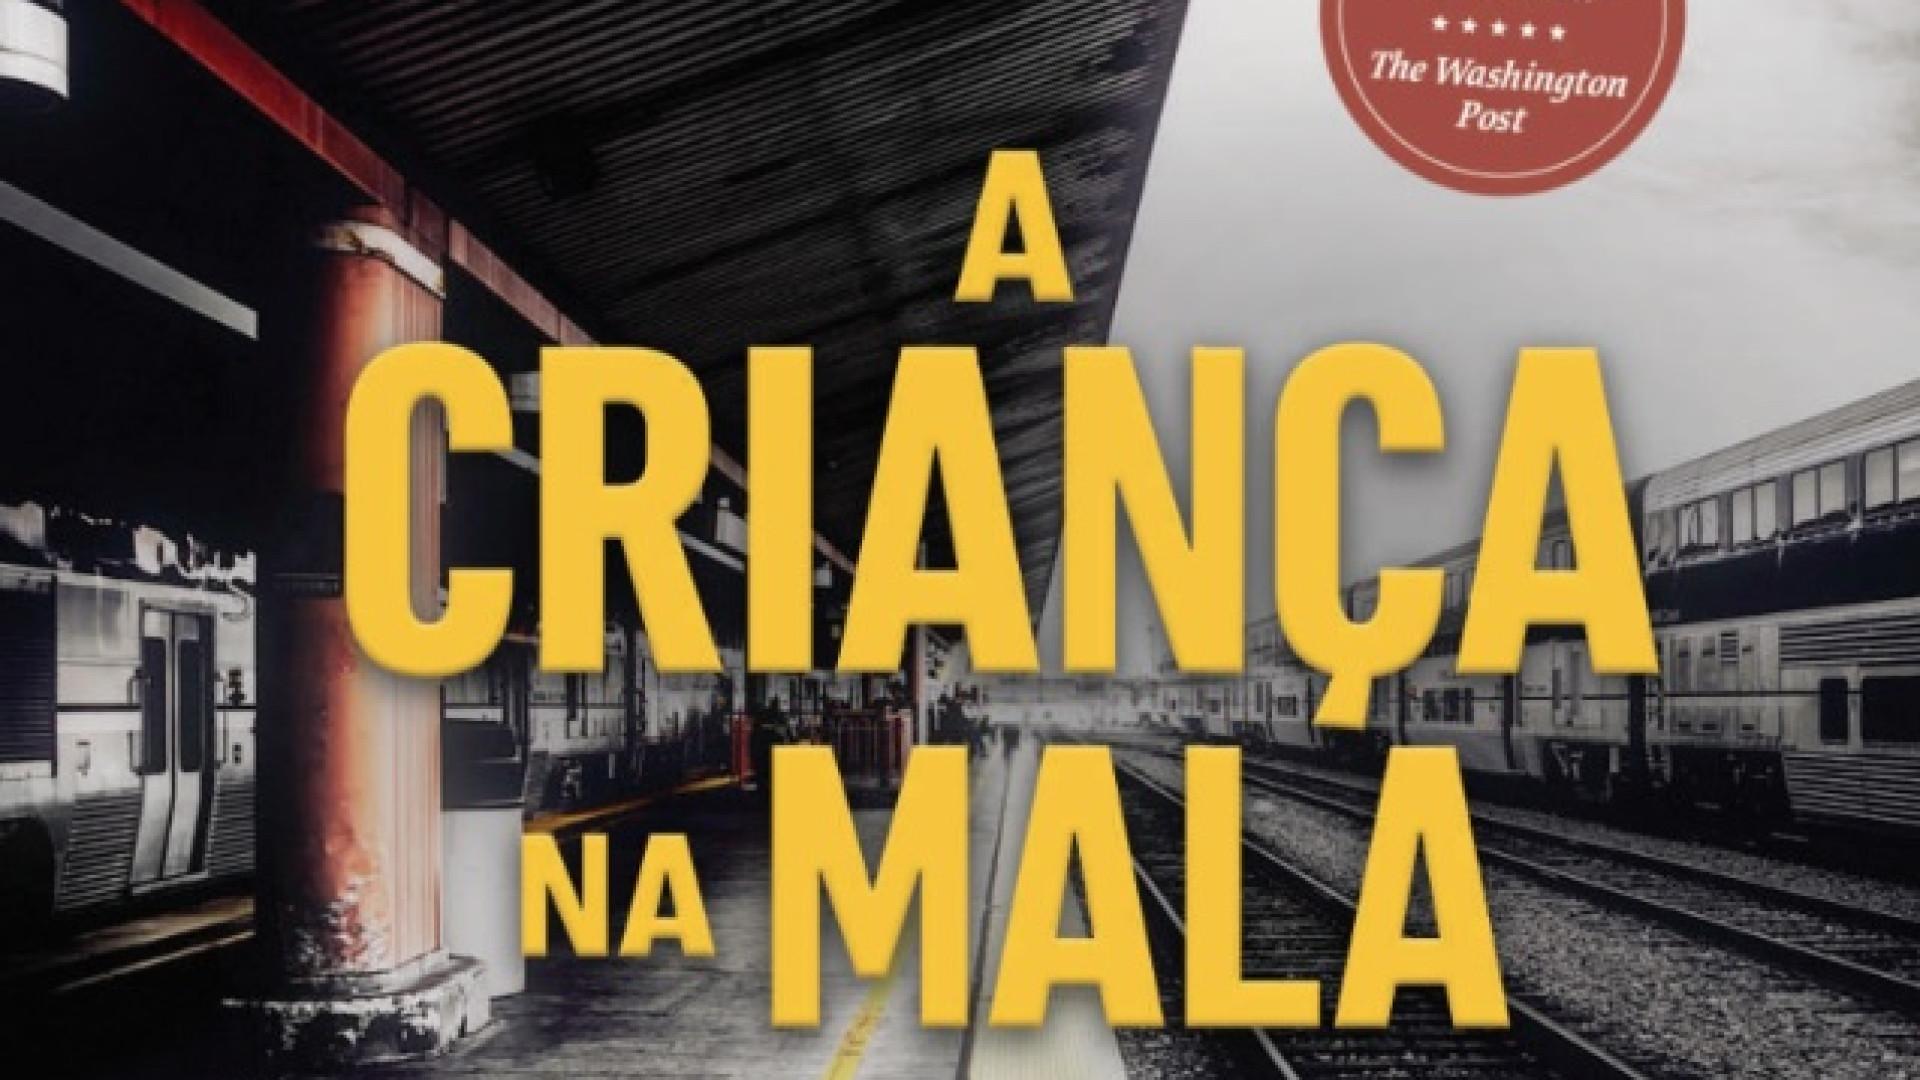 'A Criança na Mala' é escrita por duas mulheres que falam de maus-tratos